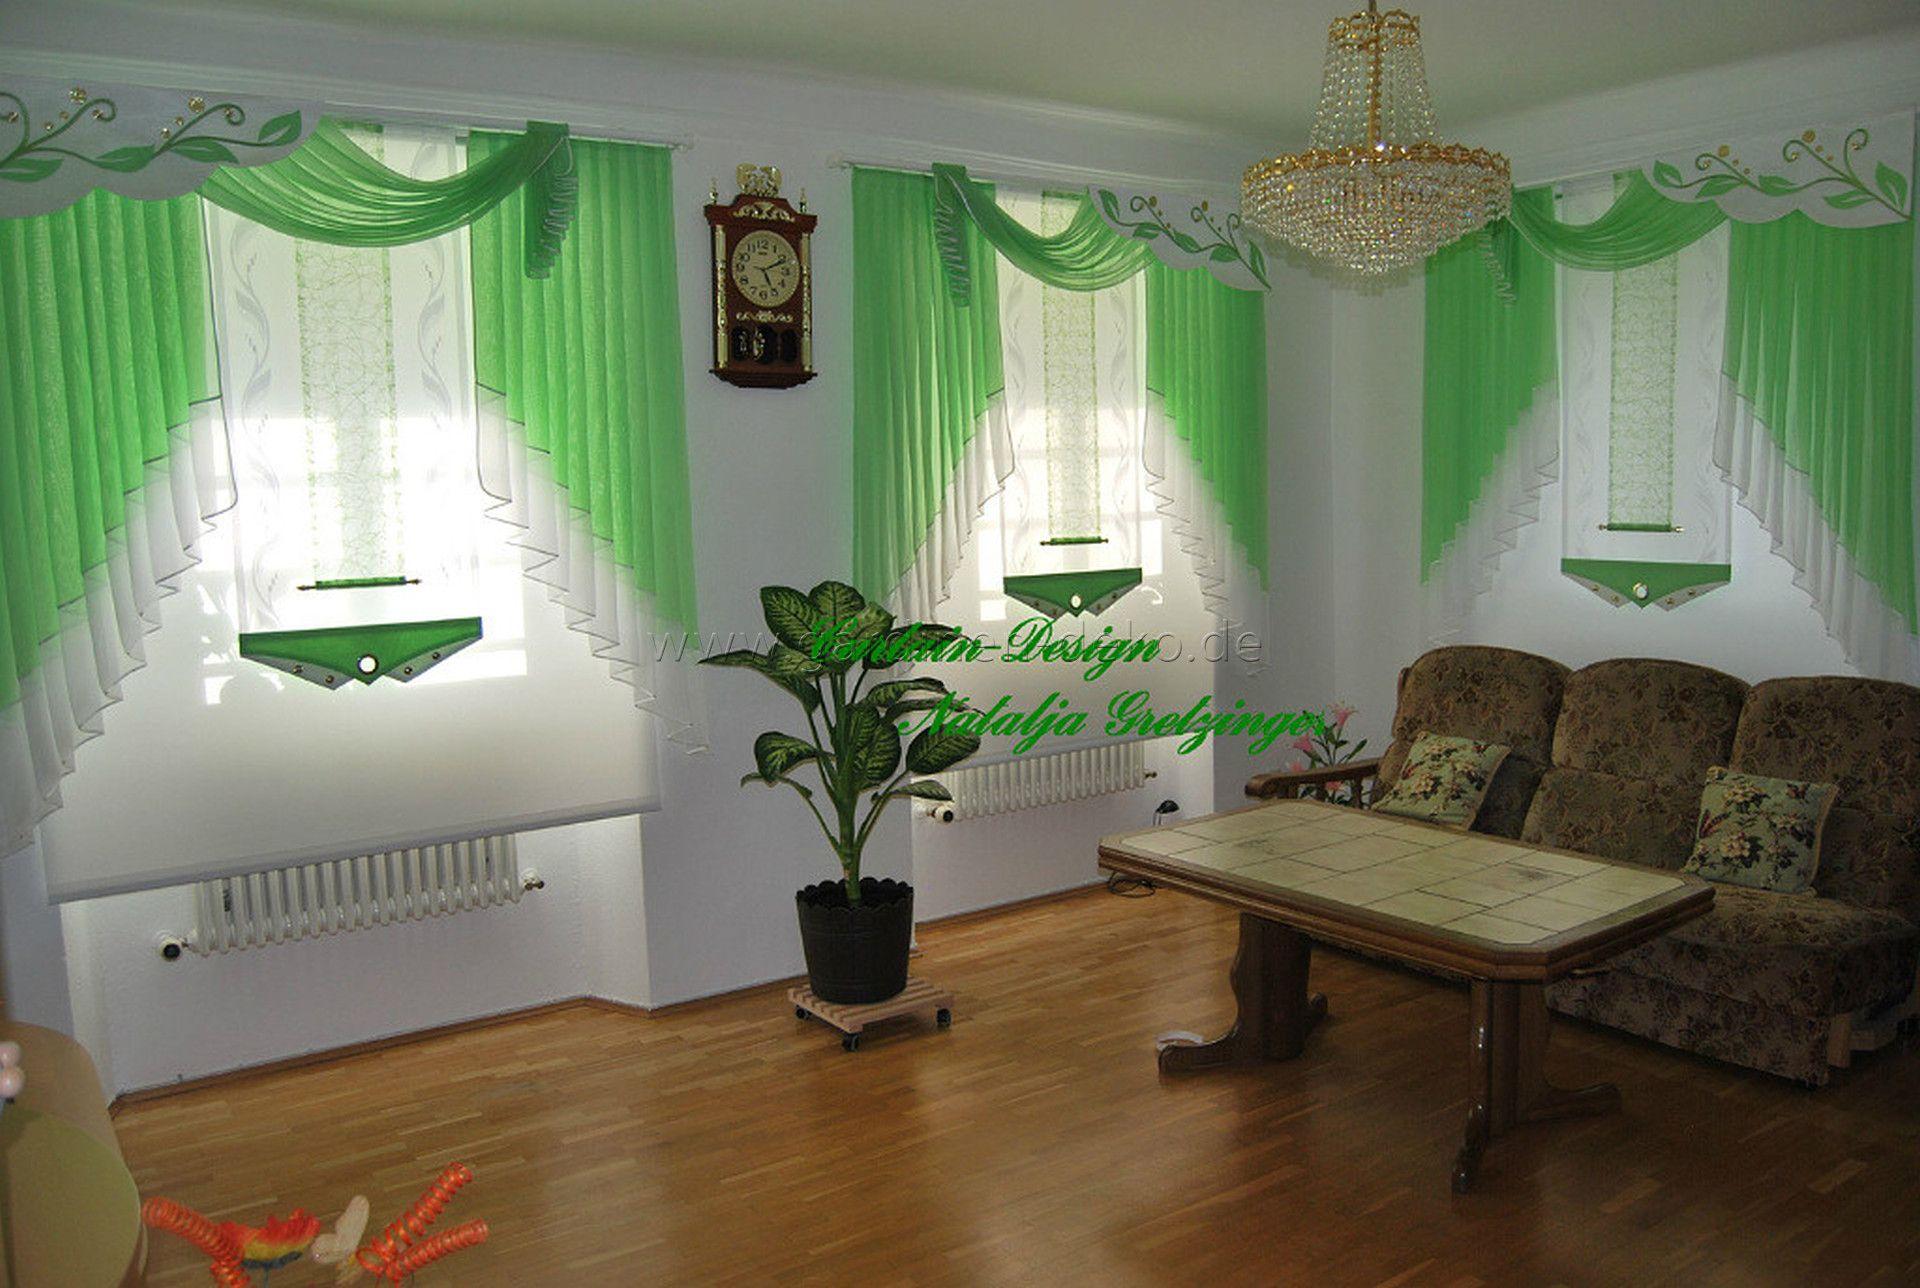 Gewellter Schrg Schiebevorhang Mit Schal In Grn Wohnzimmer